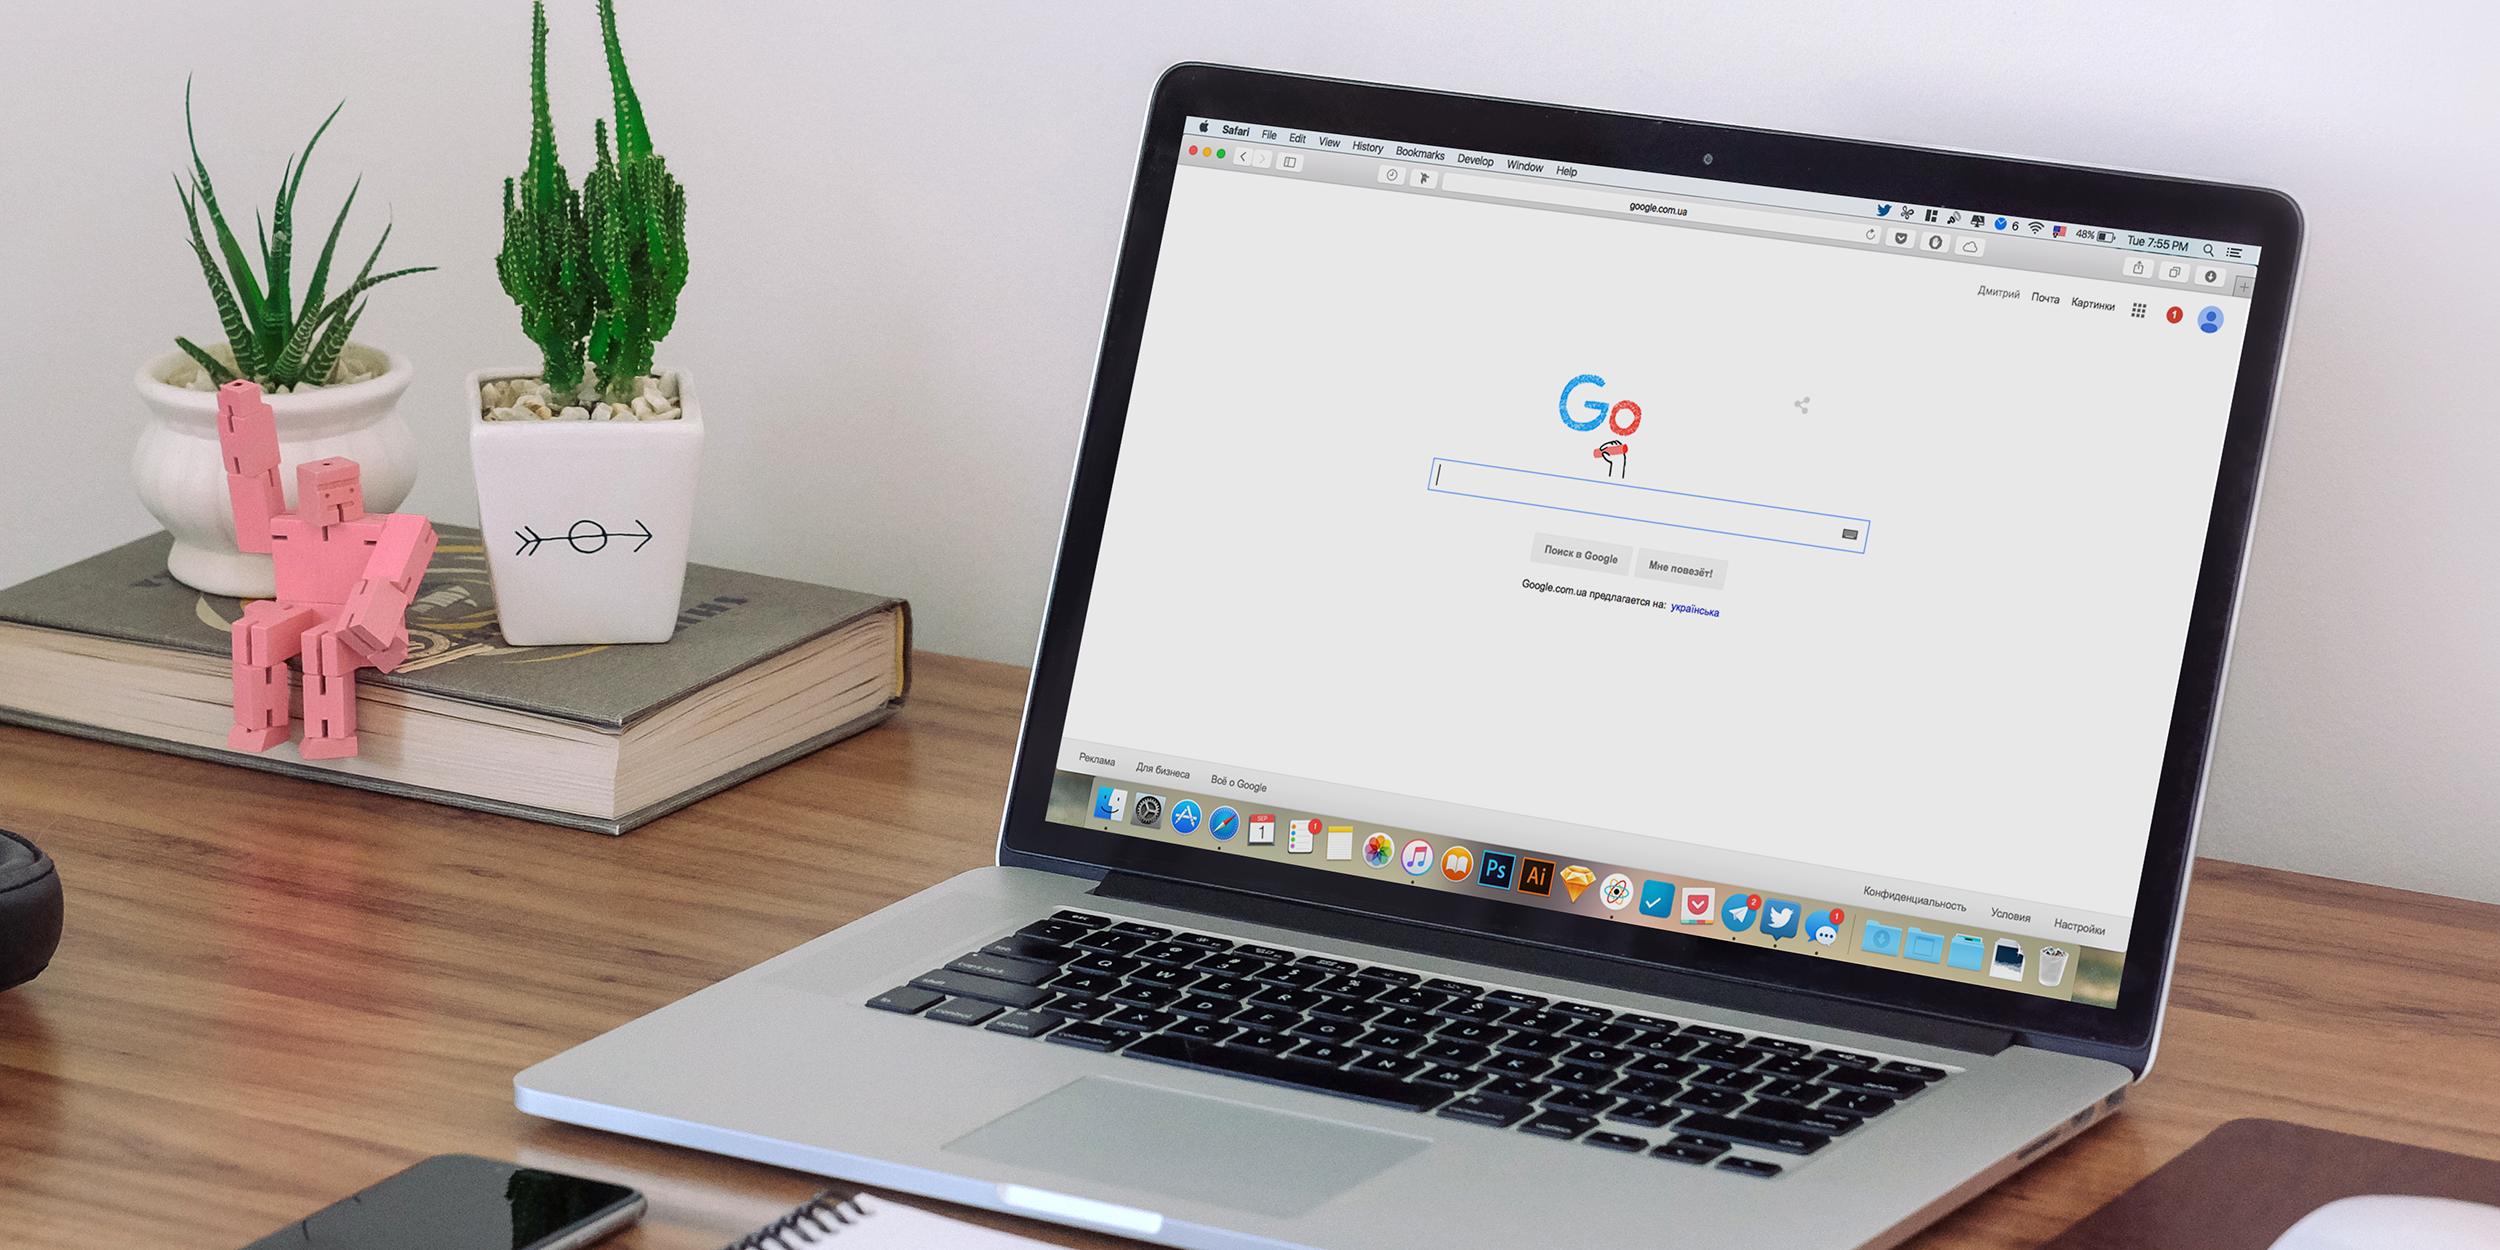 """«Что-то среднее между логотипом детских присыпок и стартапом """"сейчас не до лого, потом """"» — Google представила обновленный логотип"""